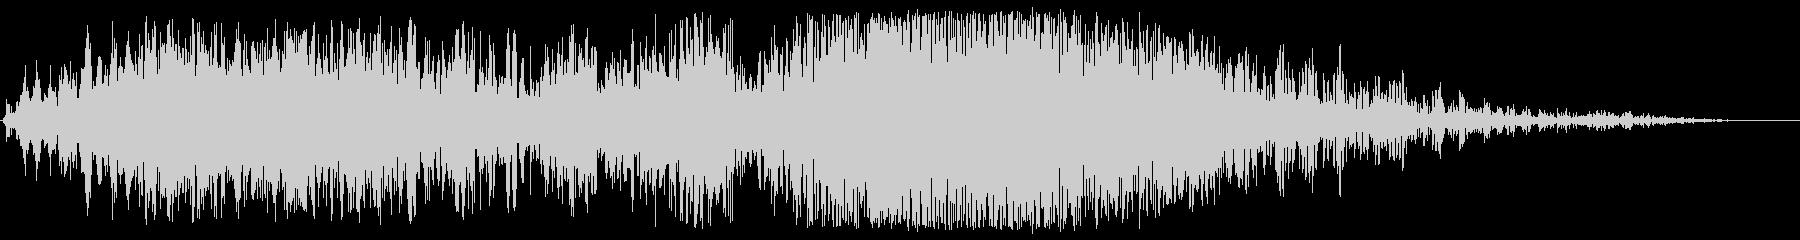 ザップスライド変換の未再生の波形